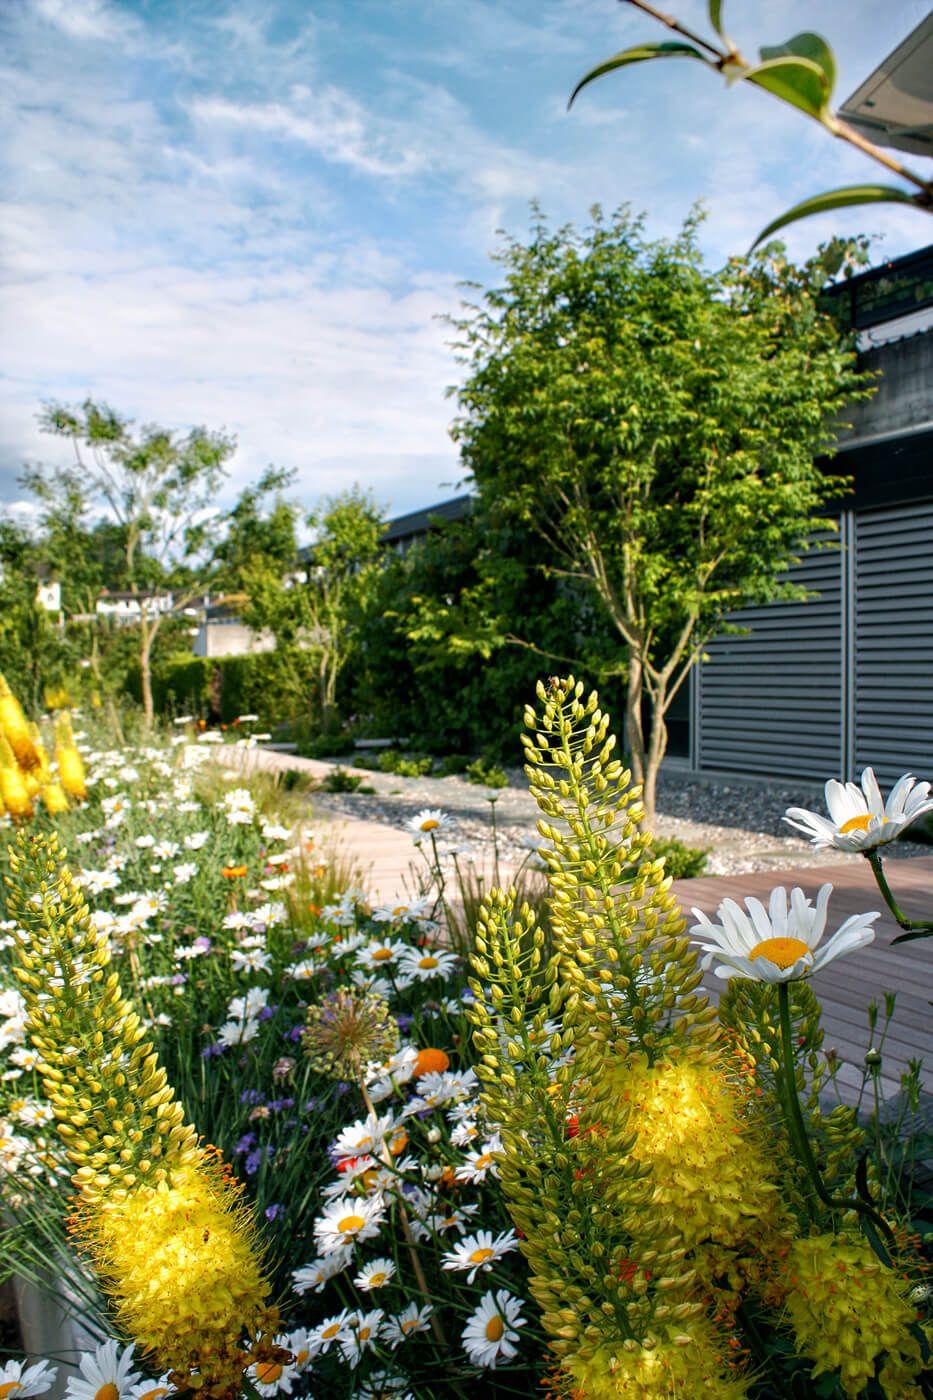 Mischpflanzung: Naturnah Garten Mit Holzdeck Und Mischpflanzung   PARCu0027S  Gartengestaltung